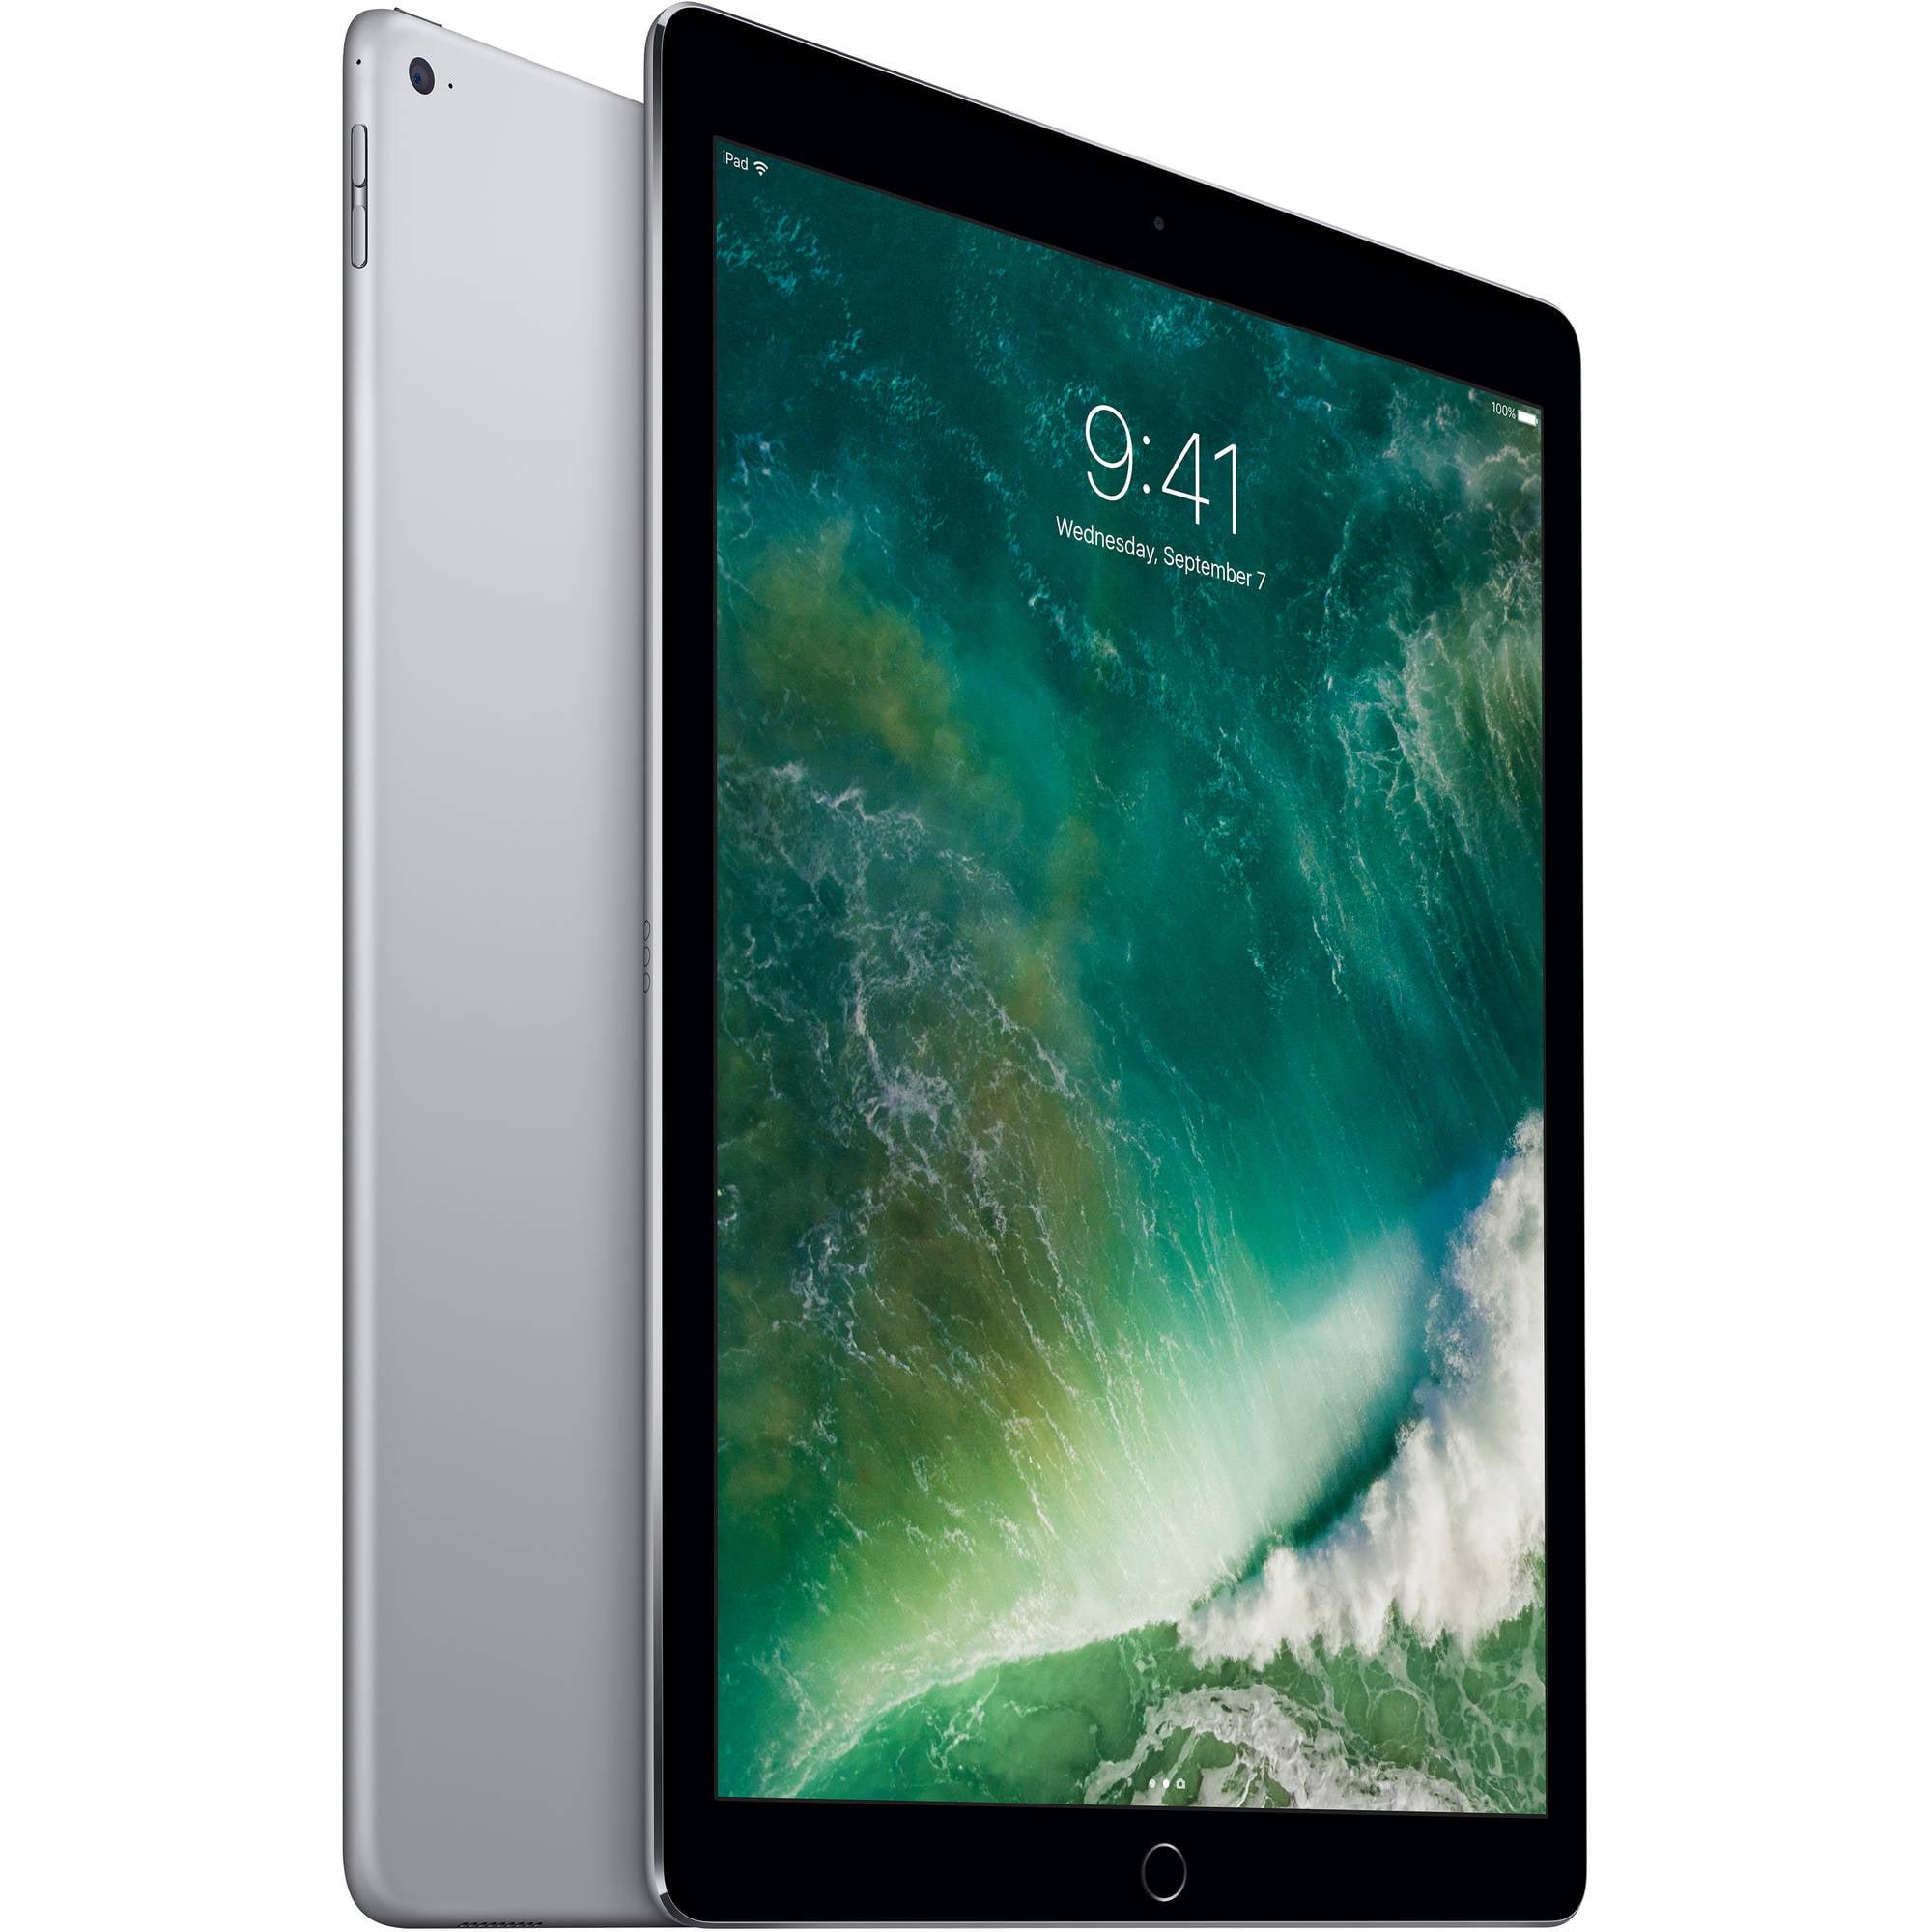 Apple iPad Pro 12.9-inch 32GB Wi-Fi Refurbished